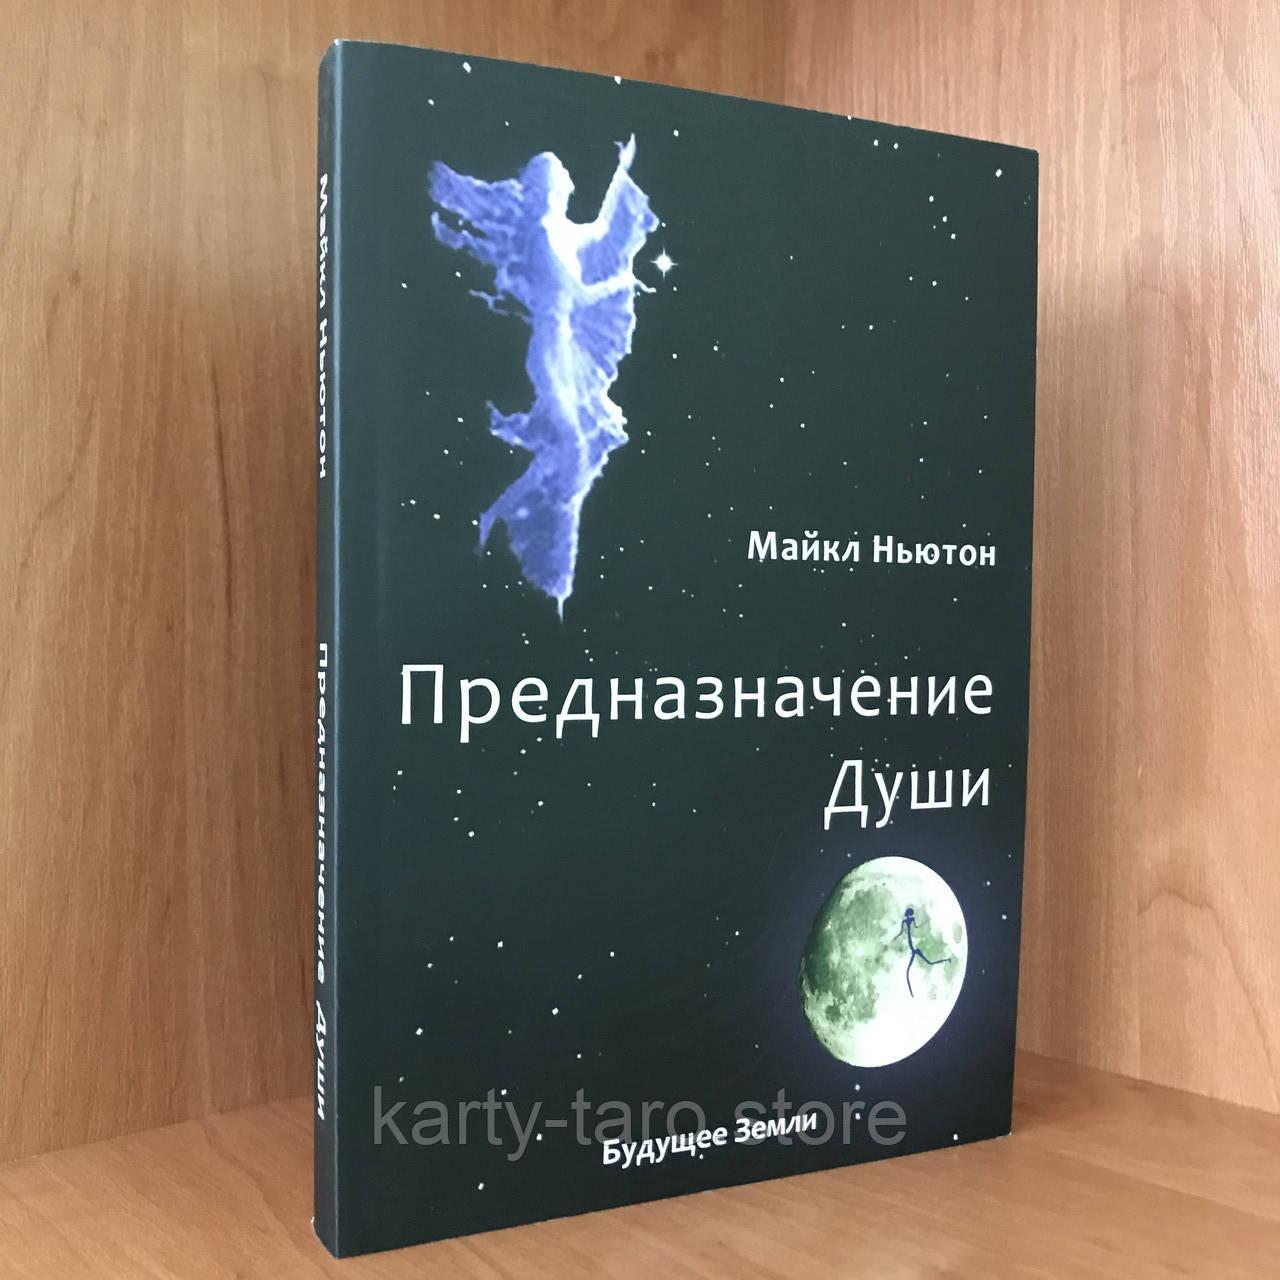 Книга Призначення Душі - Майкл Ньютон